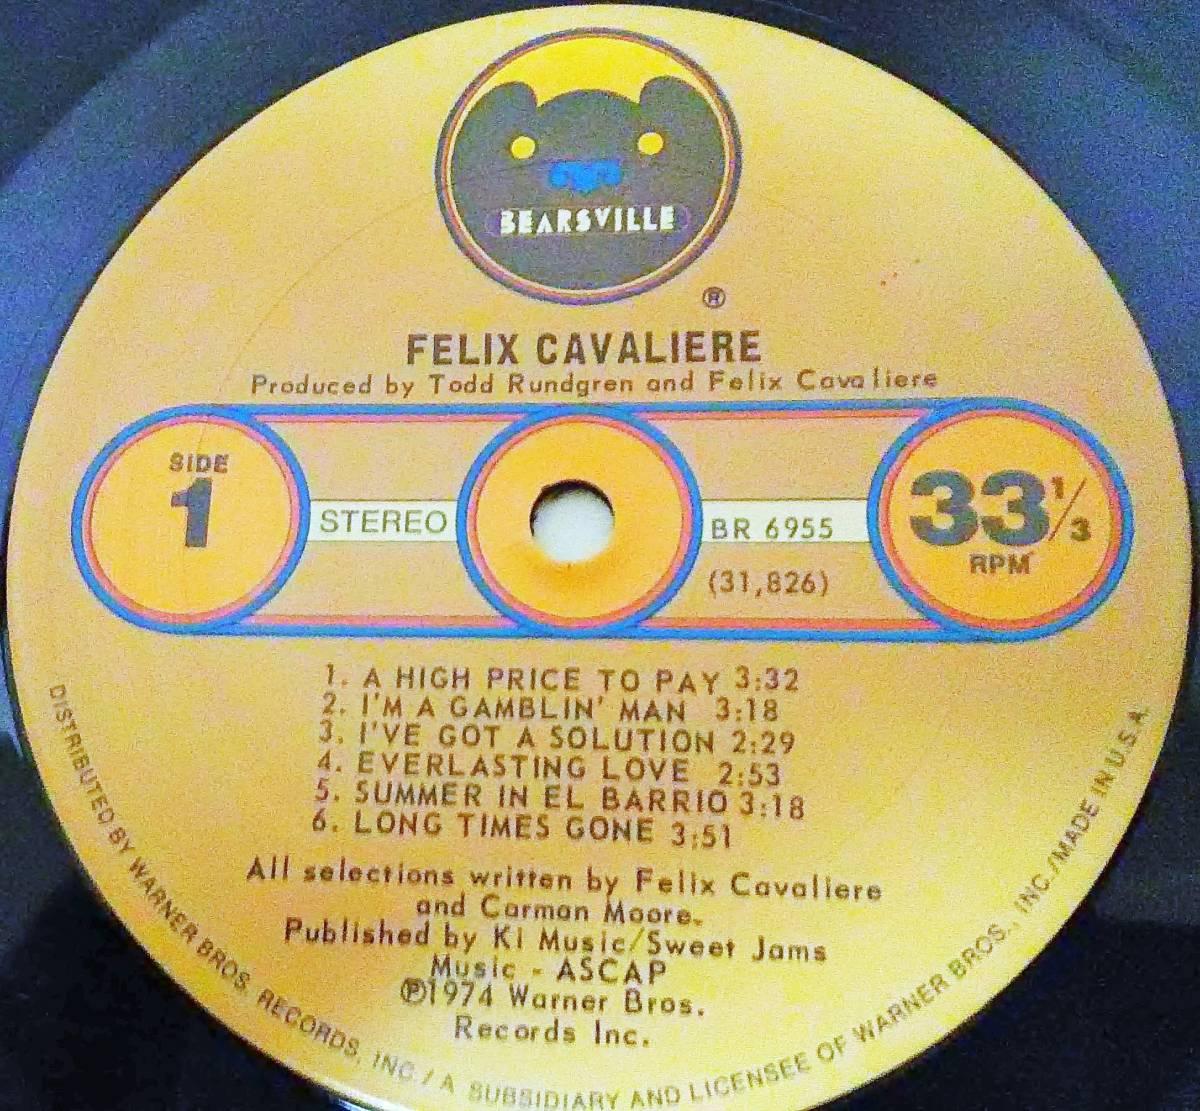 レアLP!『Felix Cavaliere/1st』USオリジナル Bearsville盤_画像3